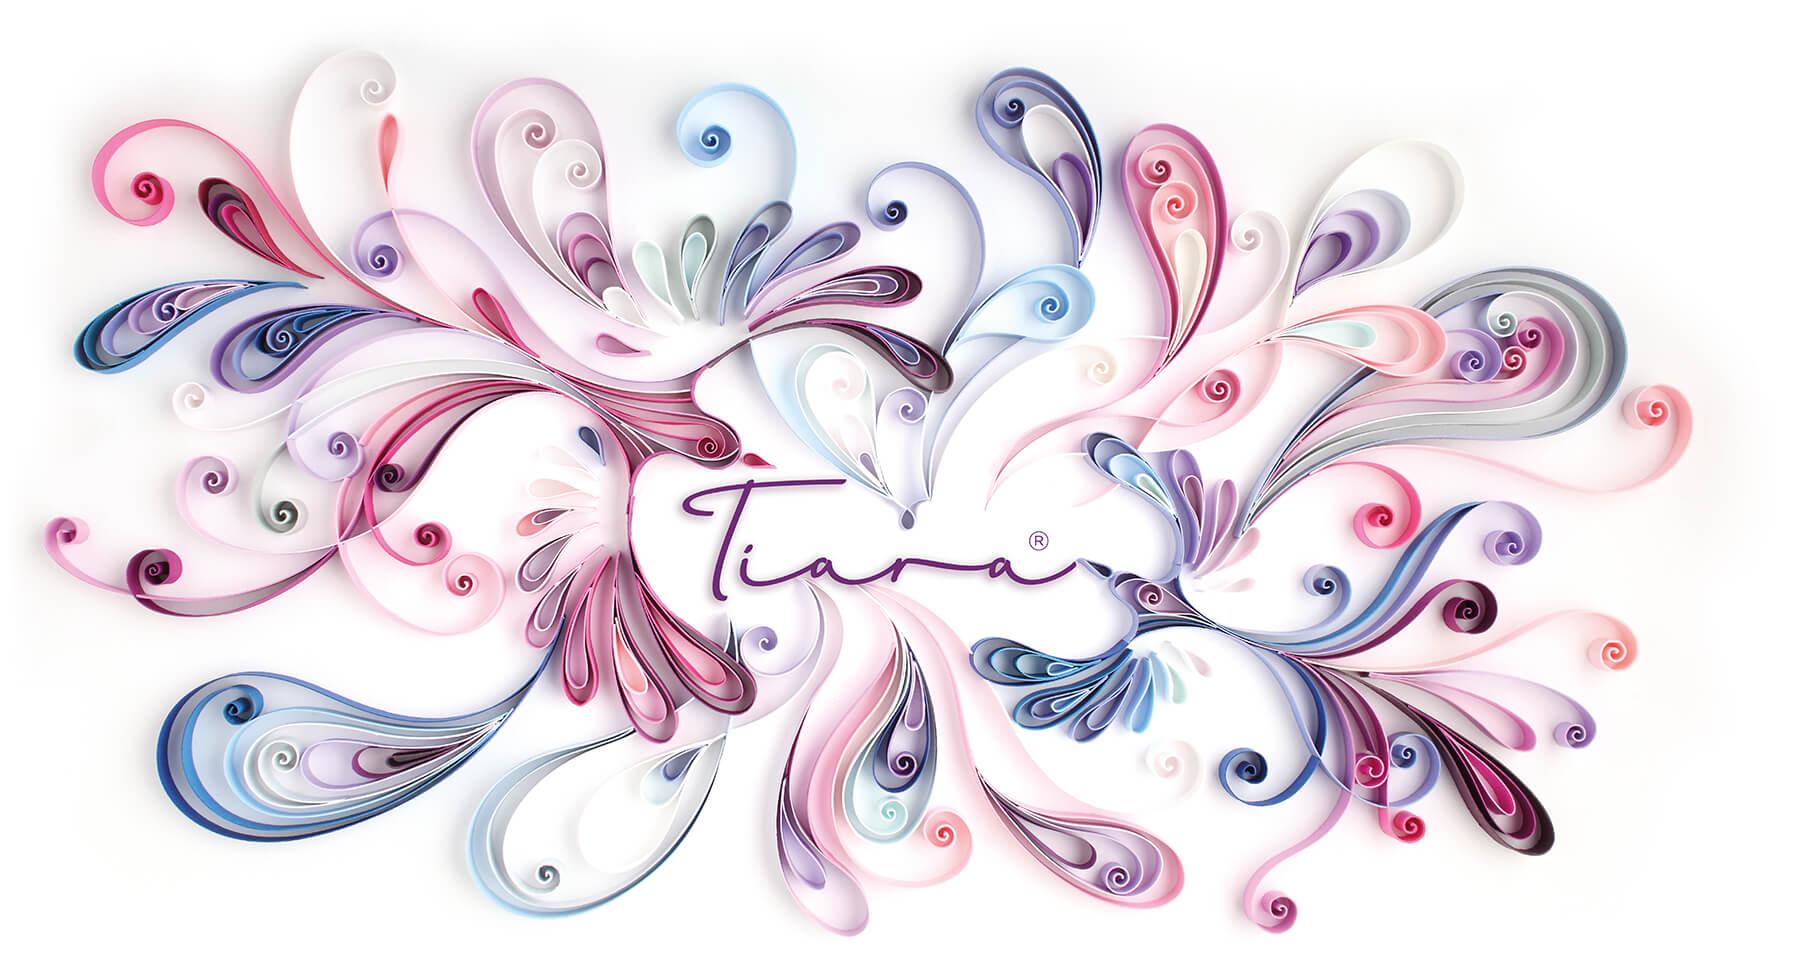 Tiara beeld papierkunst.jpg